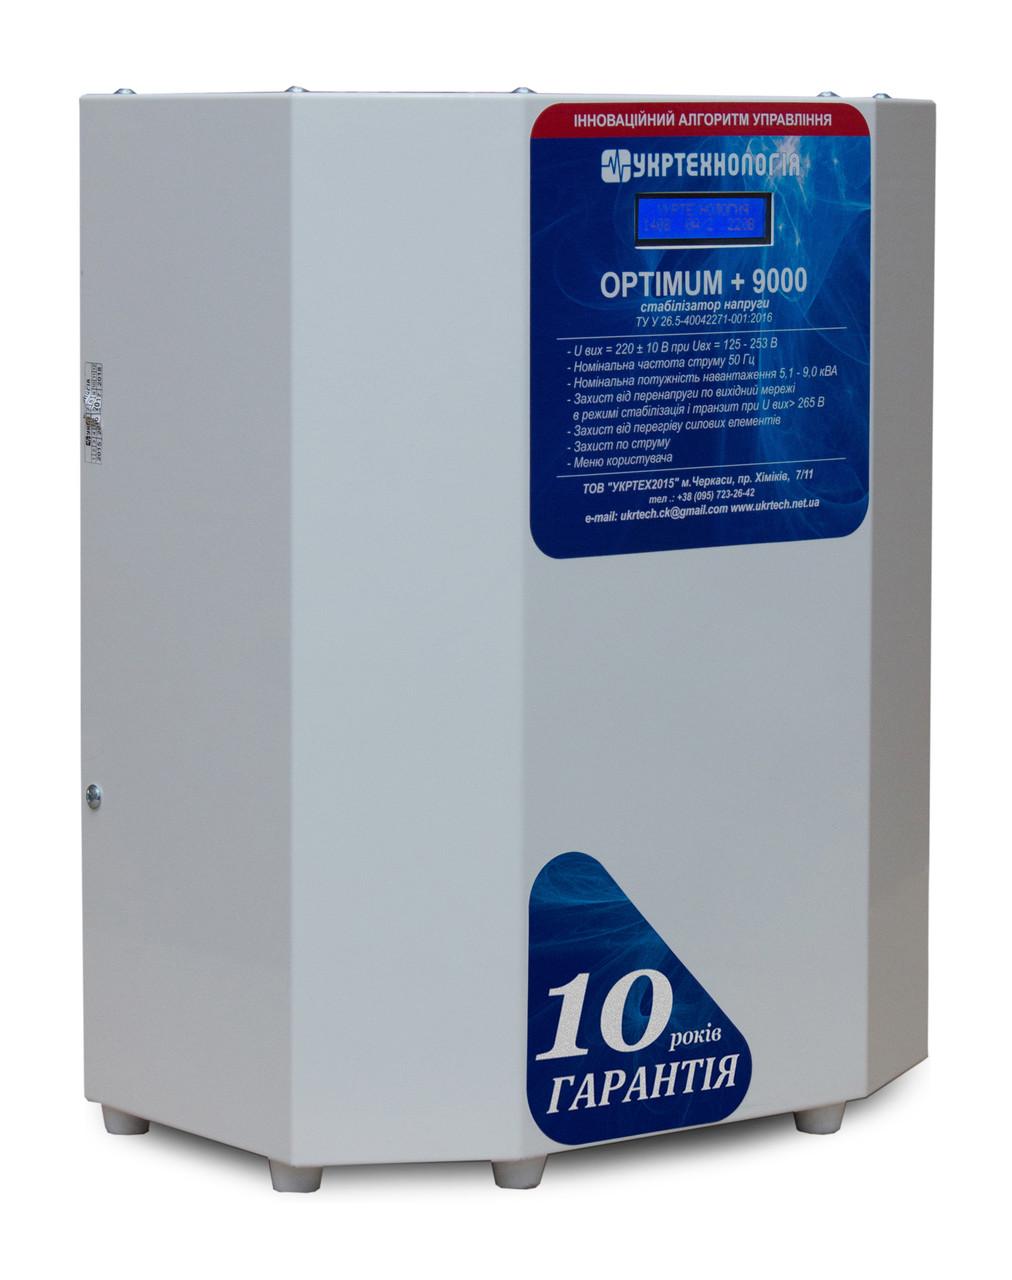 Однофазний стабілізатор напруги Укртехнологія OPTIMUM 9000